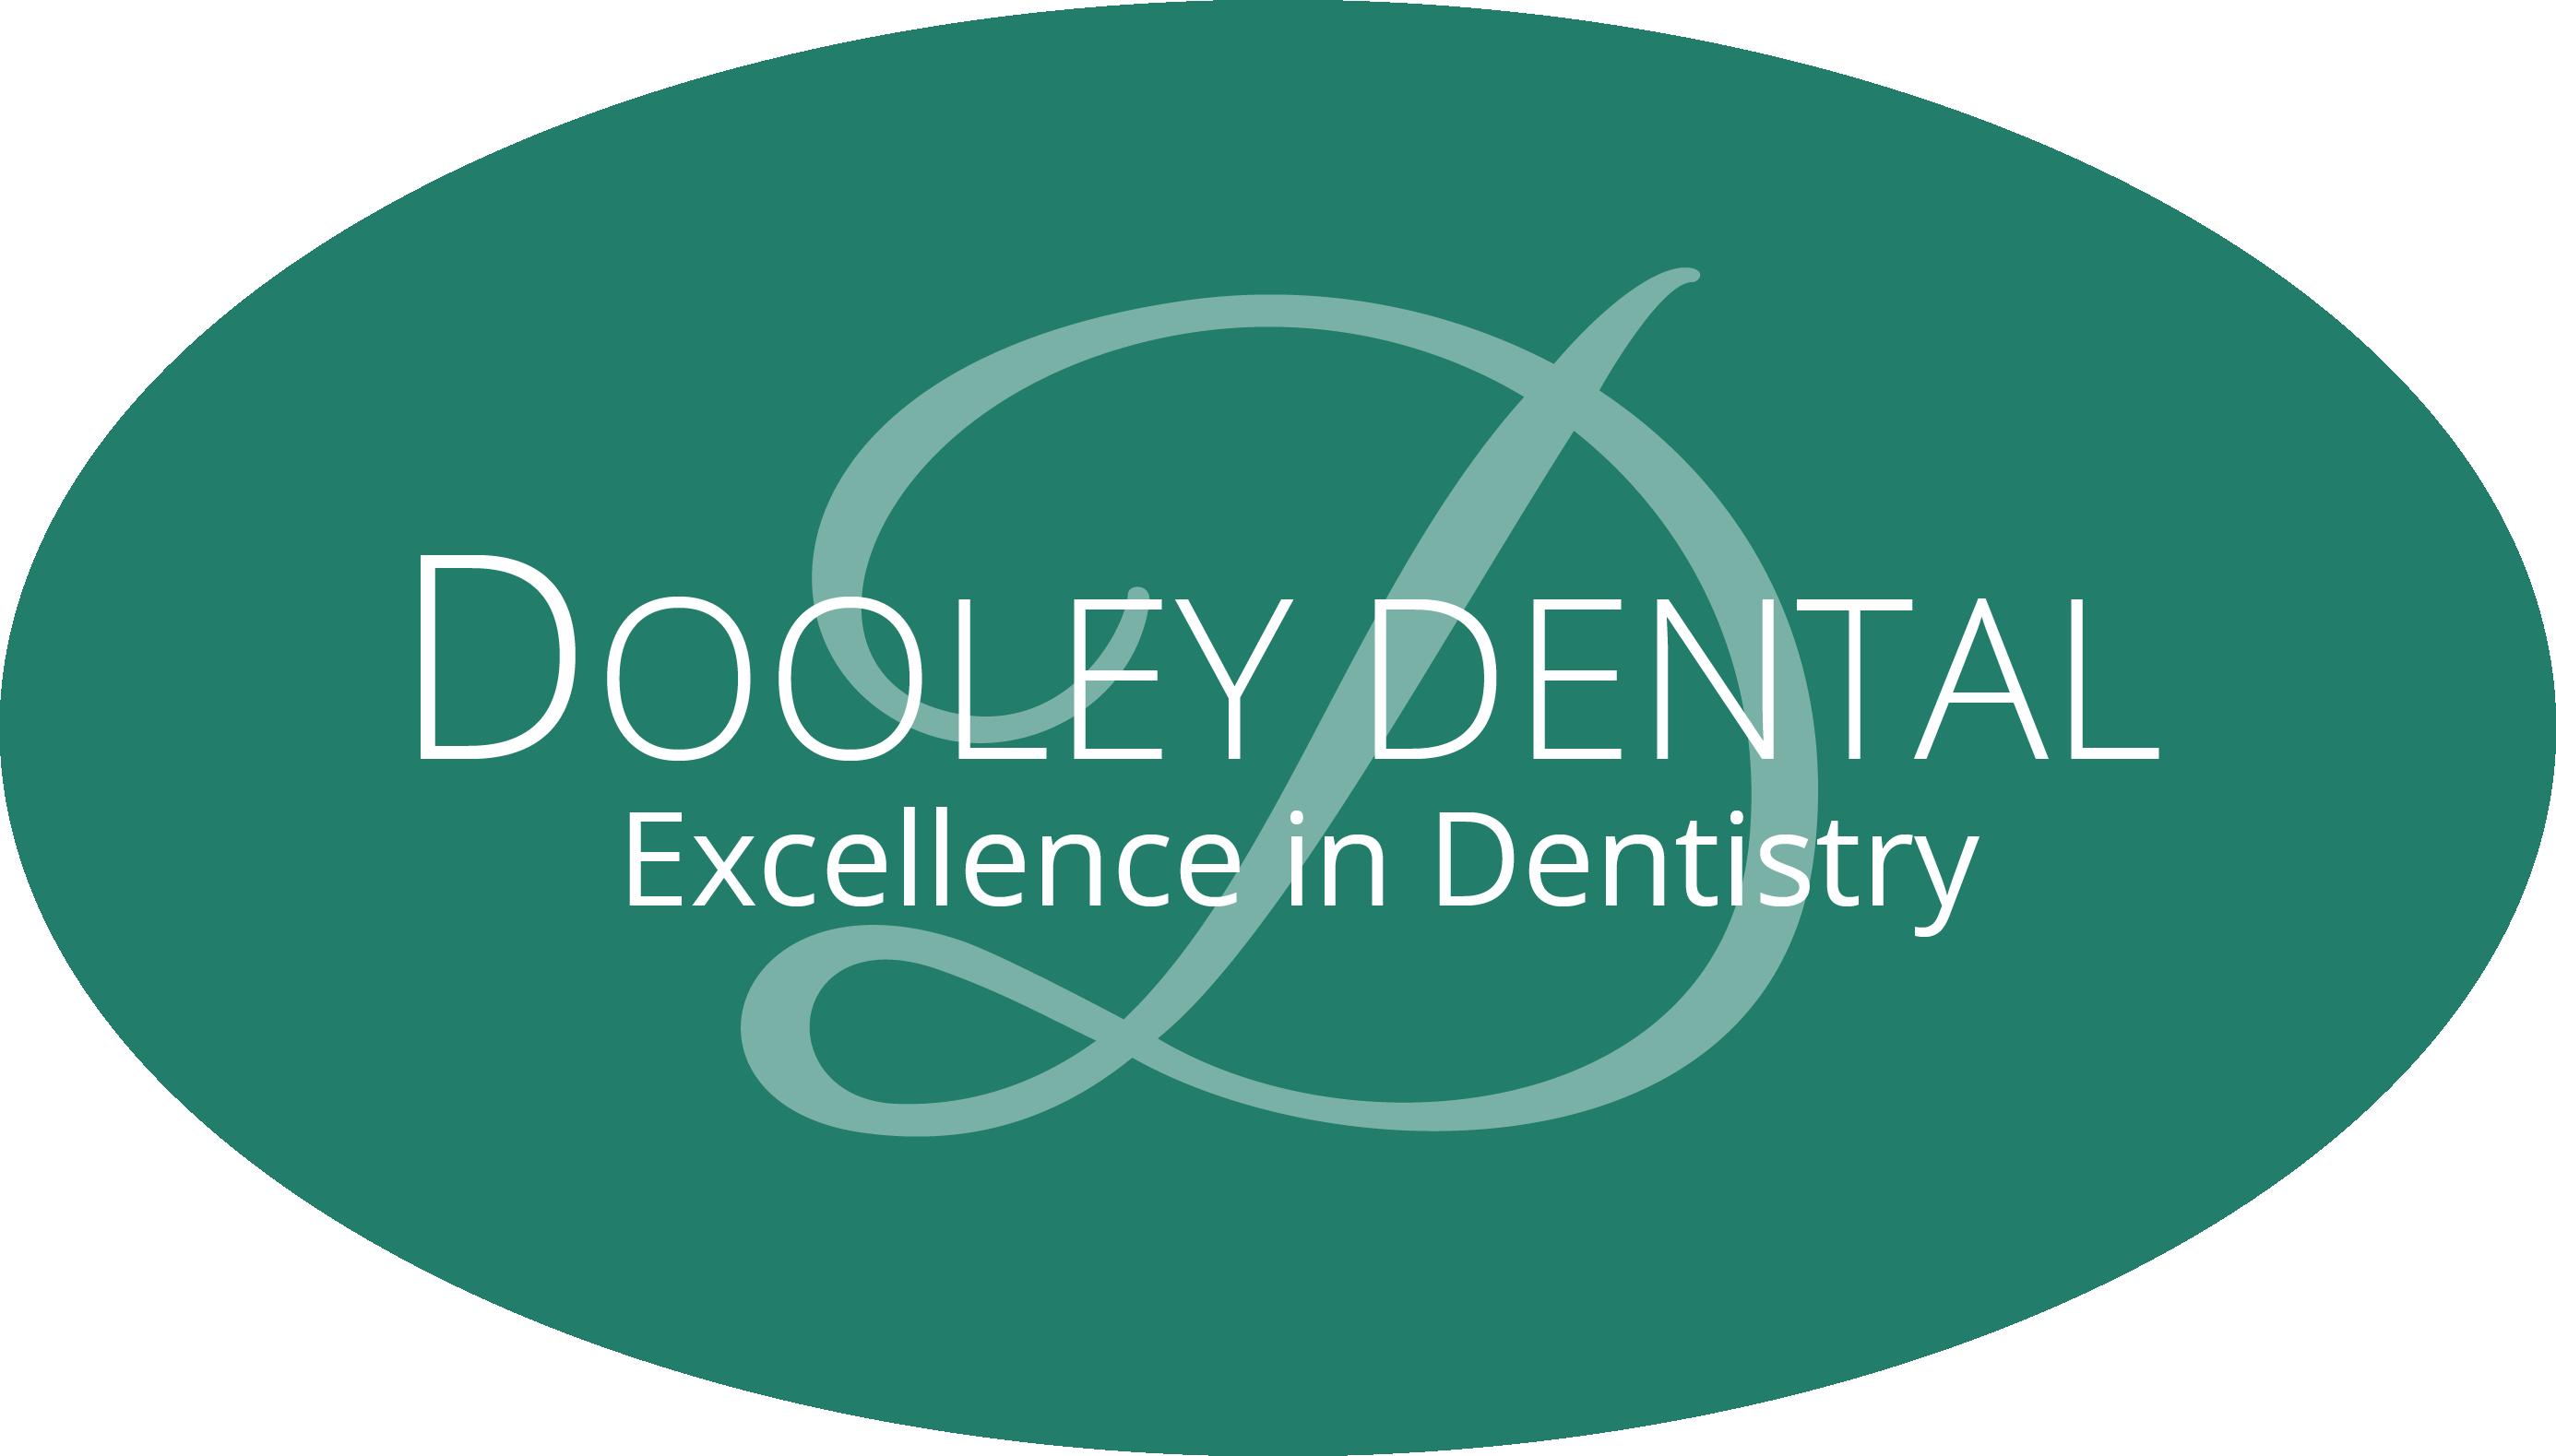 Dooley Dental: Edward J Dooley